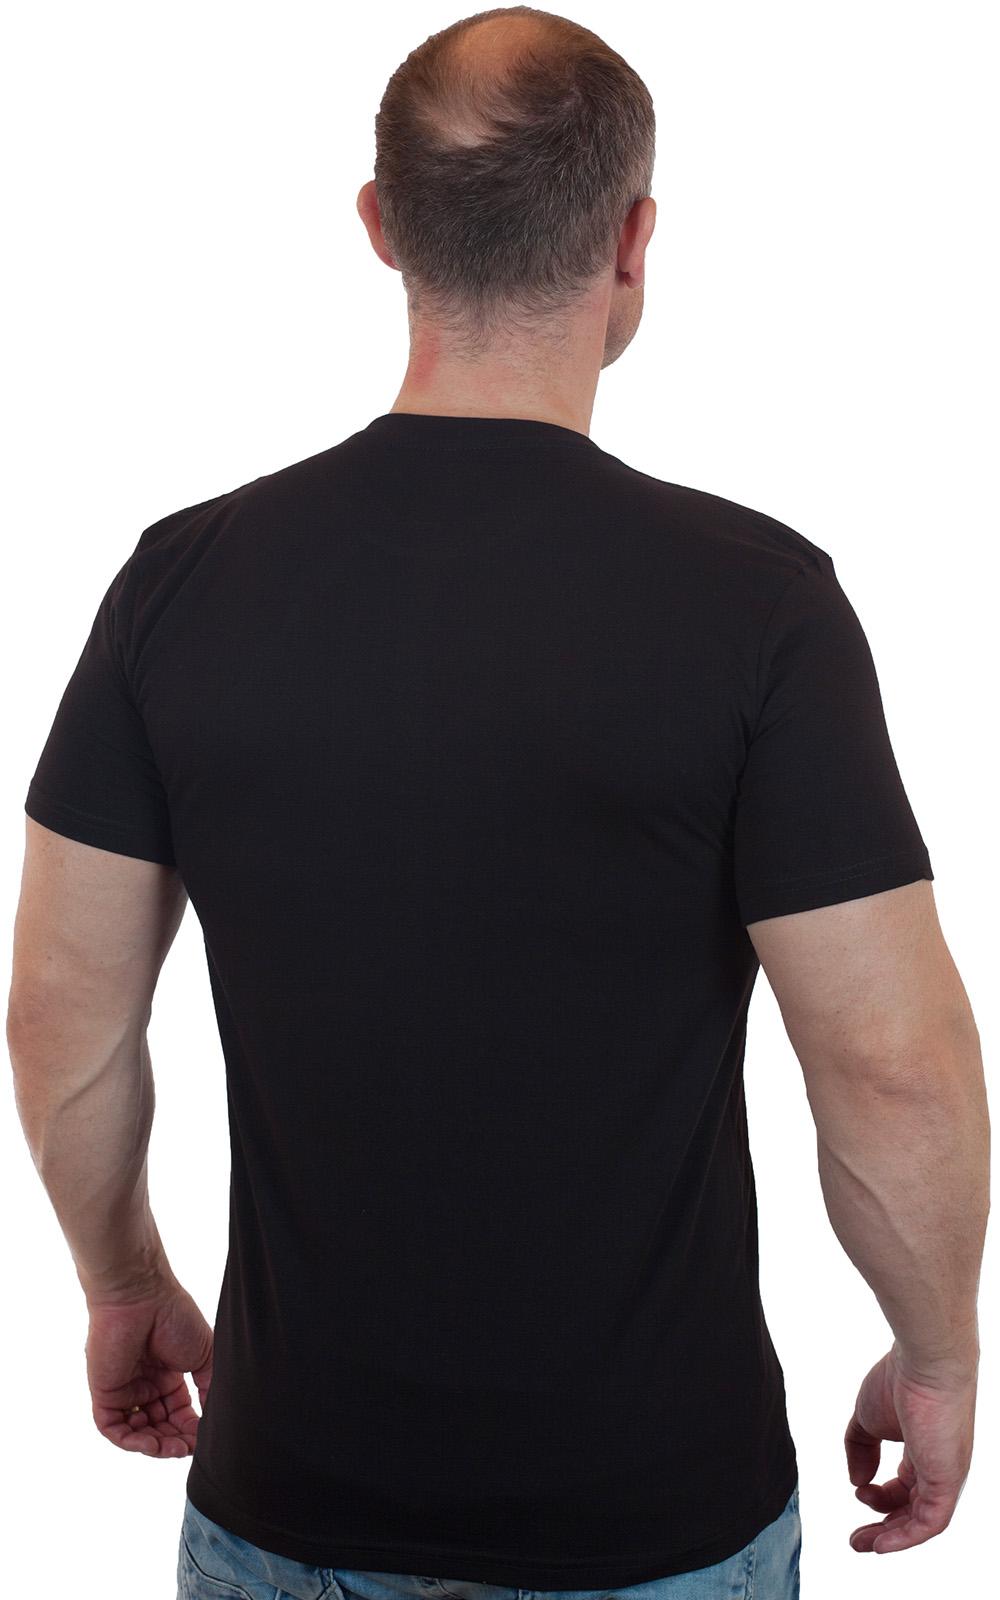 Черная футболка с вышивкой Морская Пехота